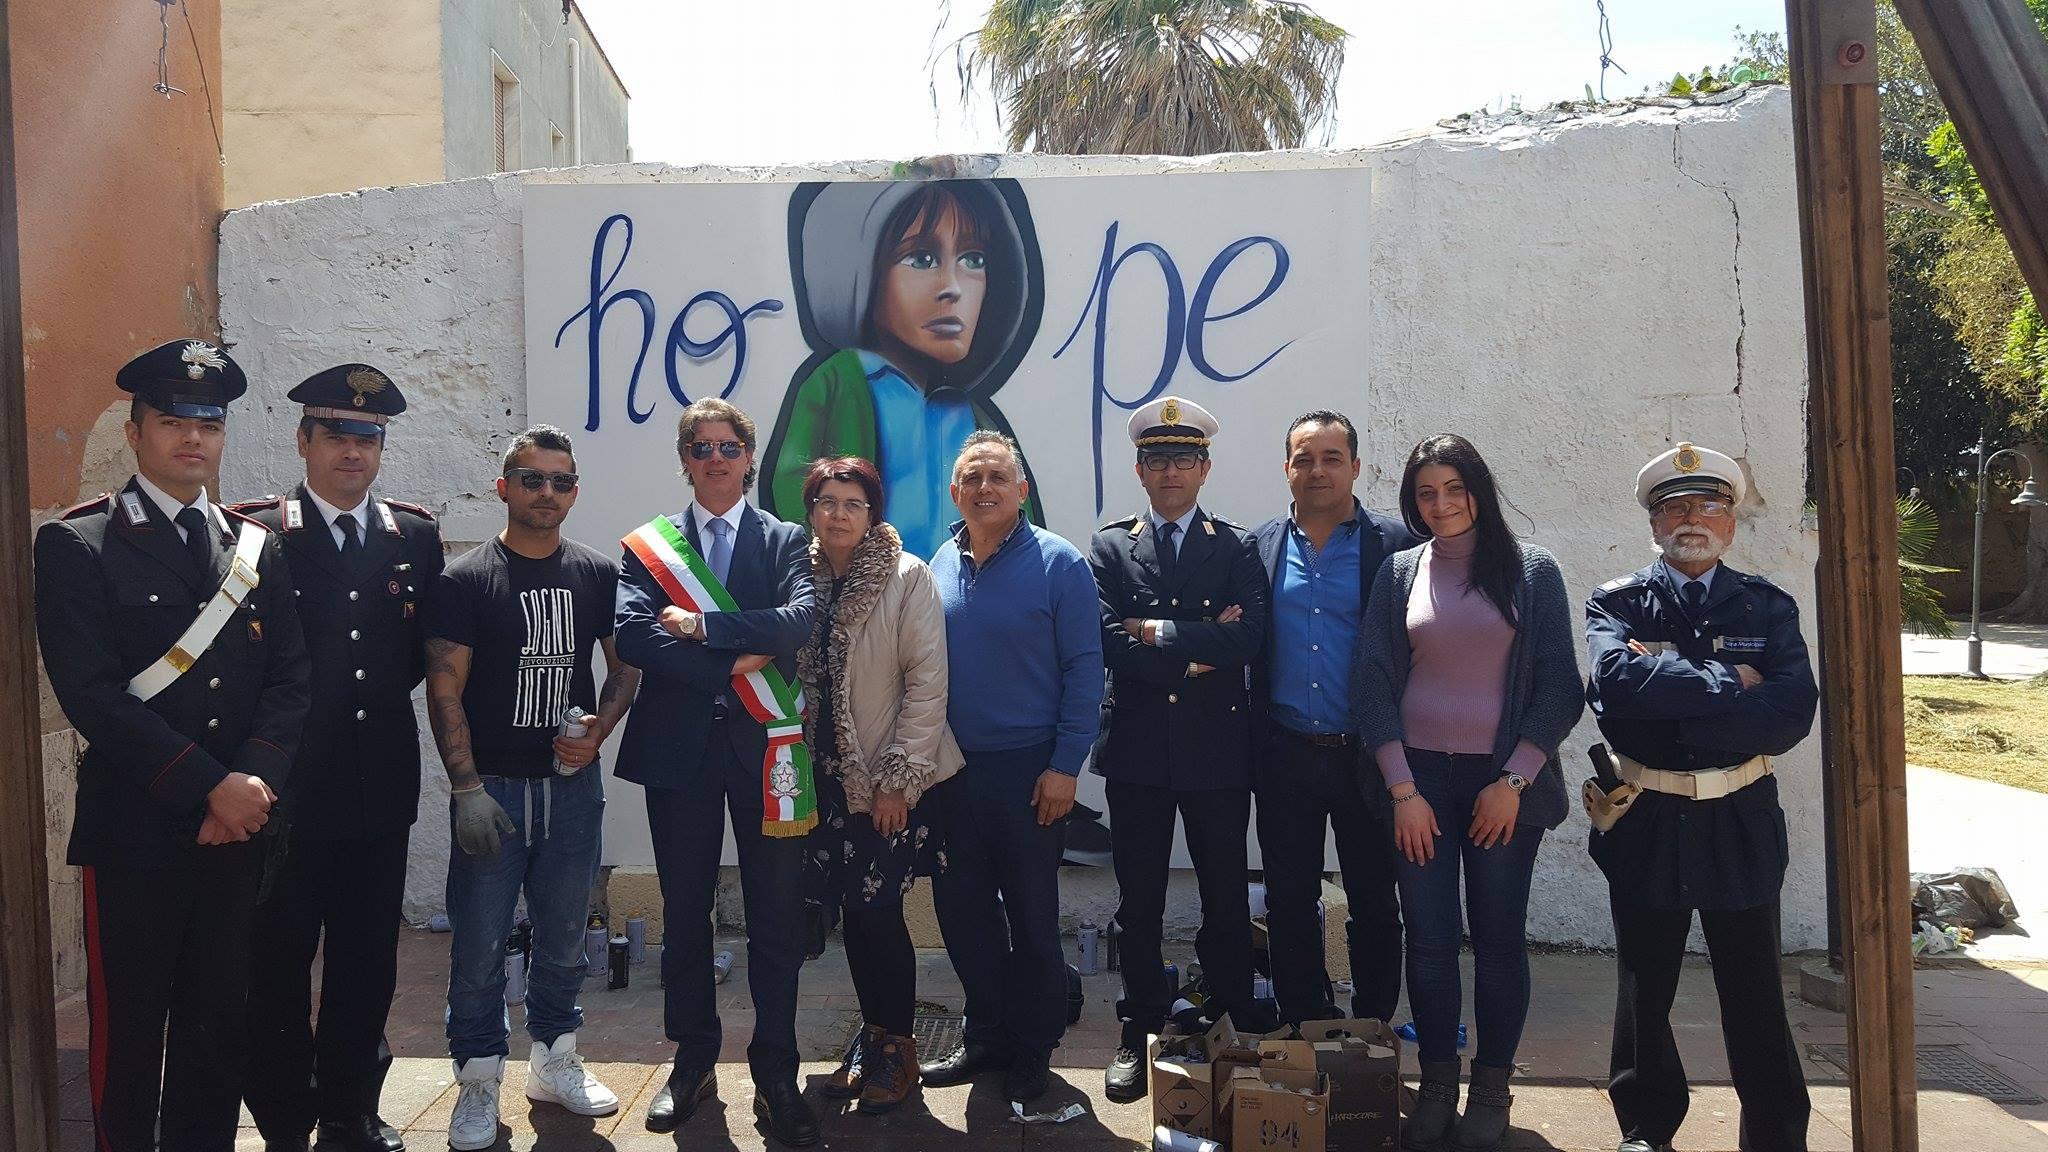 murale legalità segni urbani_sindaco Castiglione e autorità